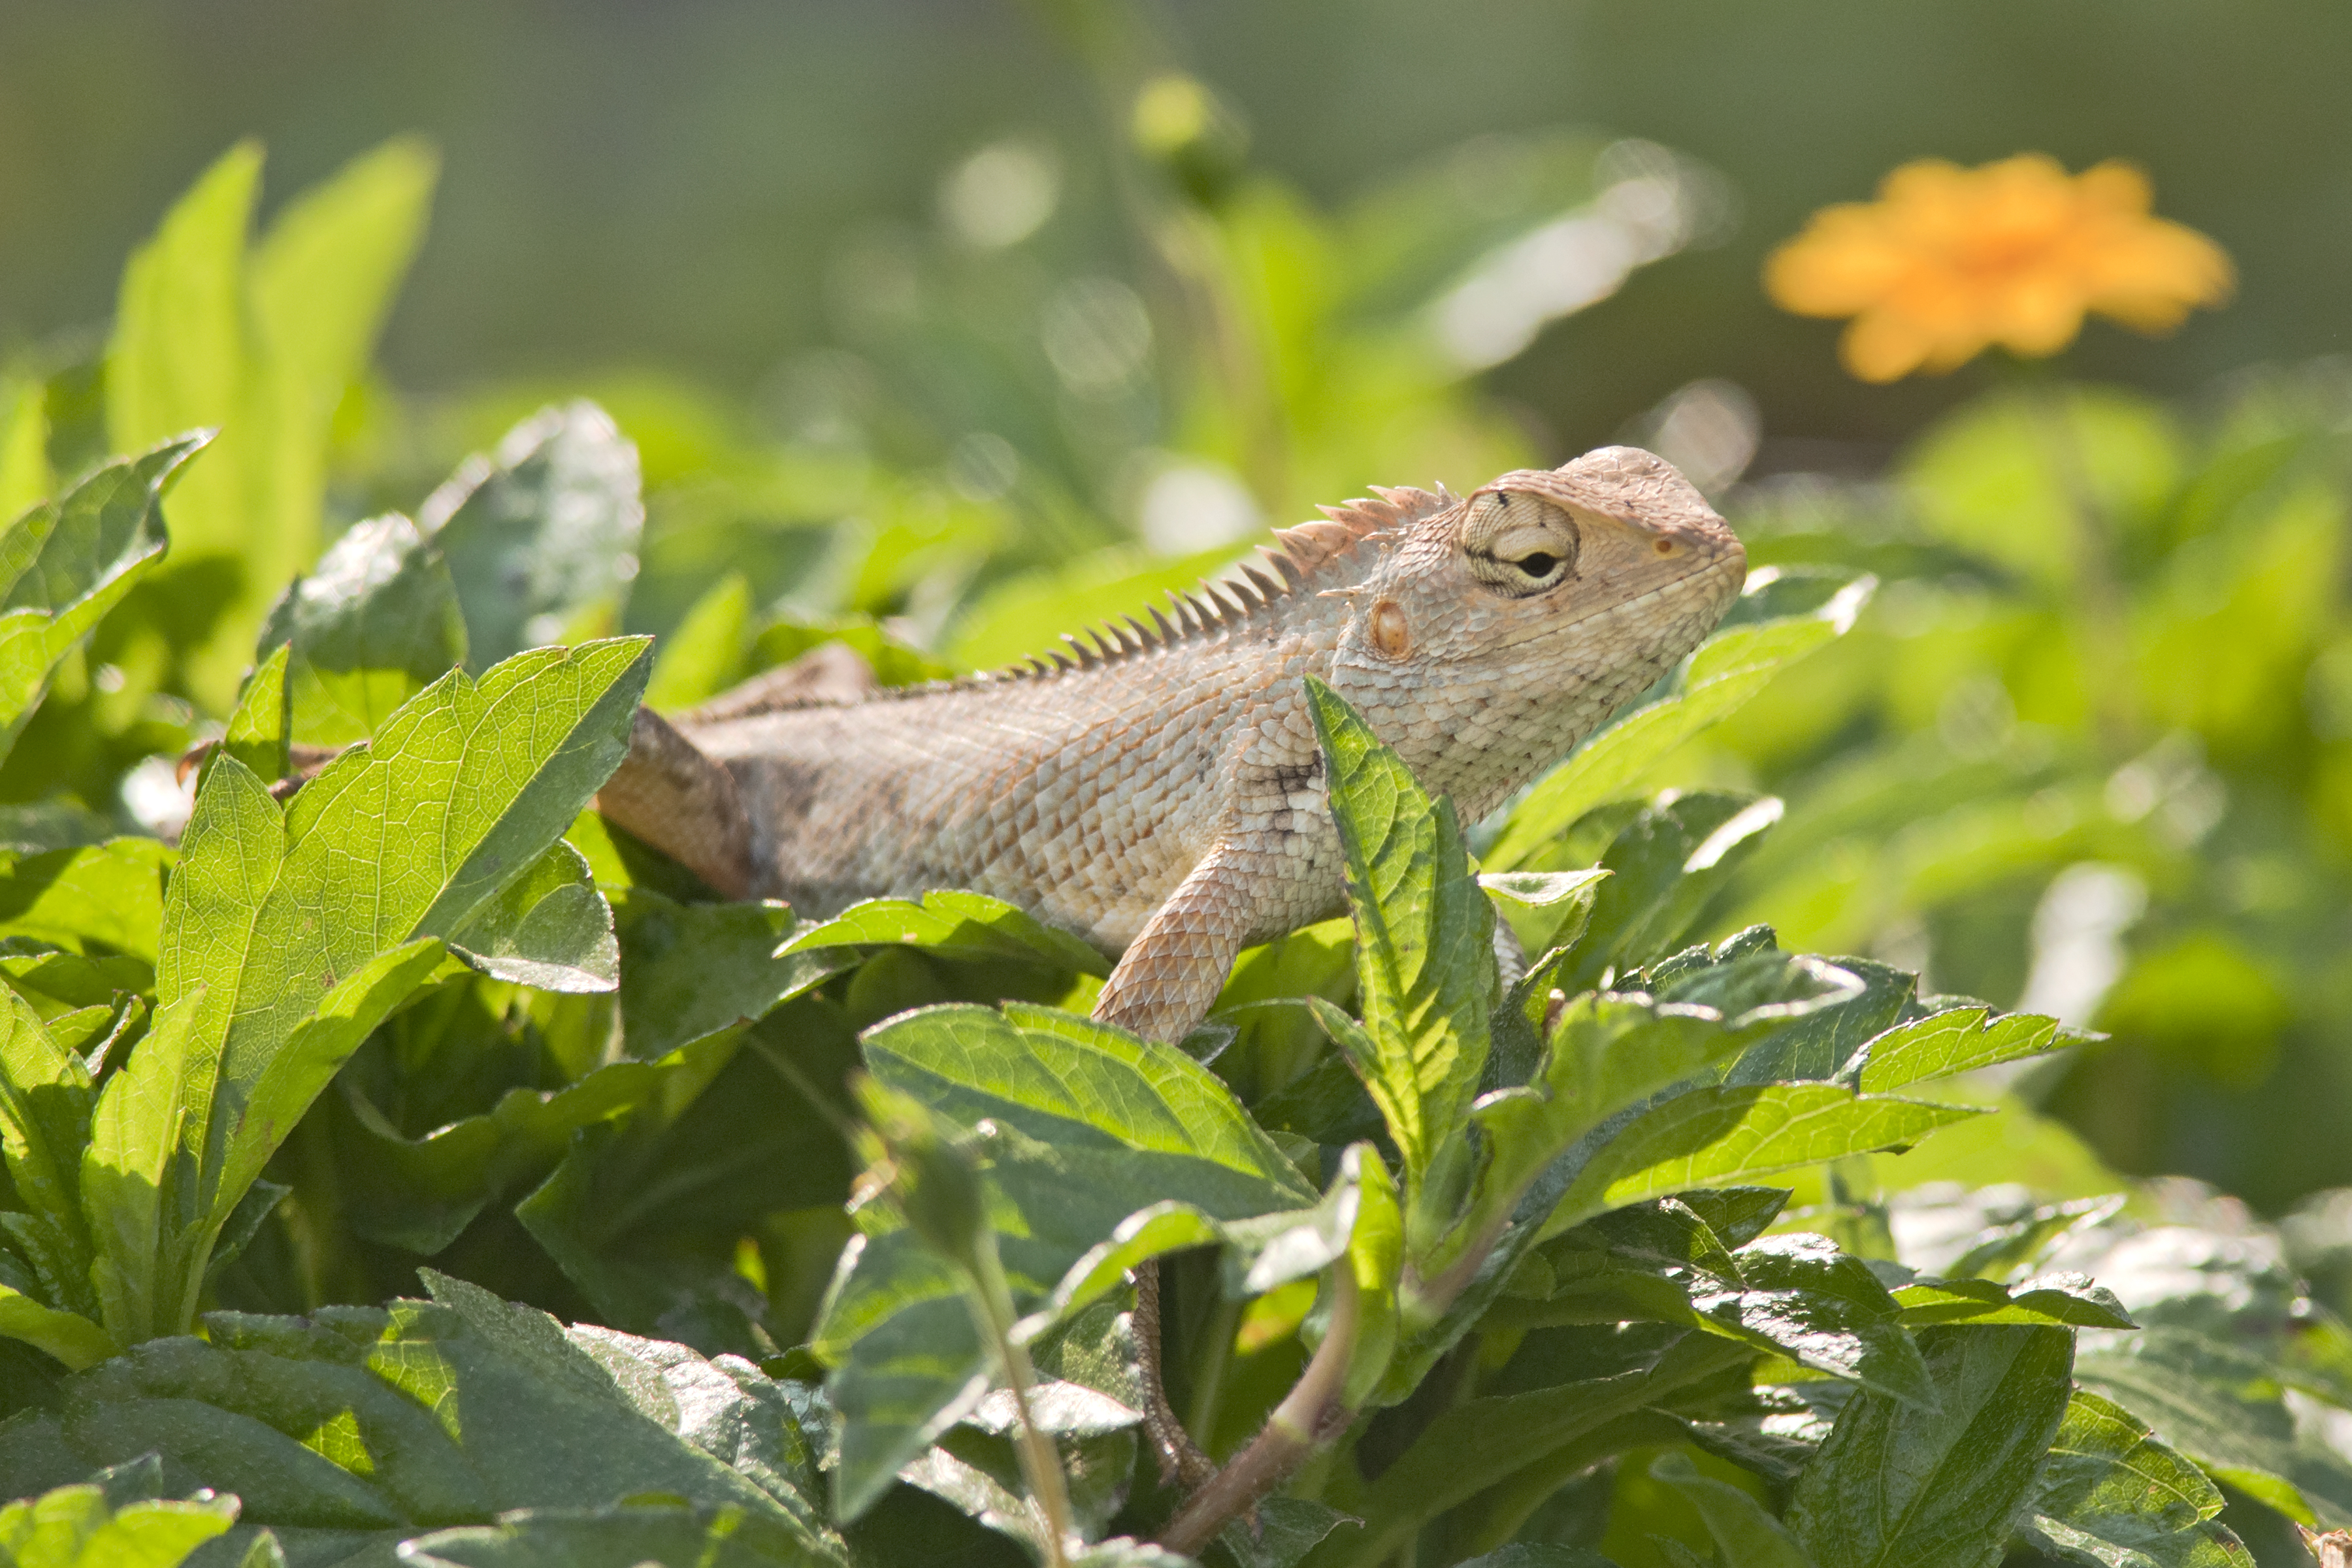 oriental garden lizard from talegaon india photographer anupam mondal - Garden Lizard